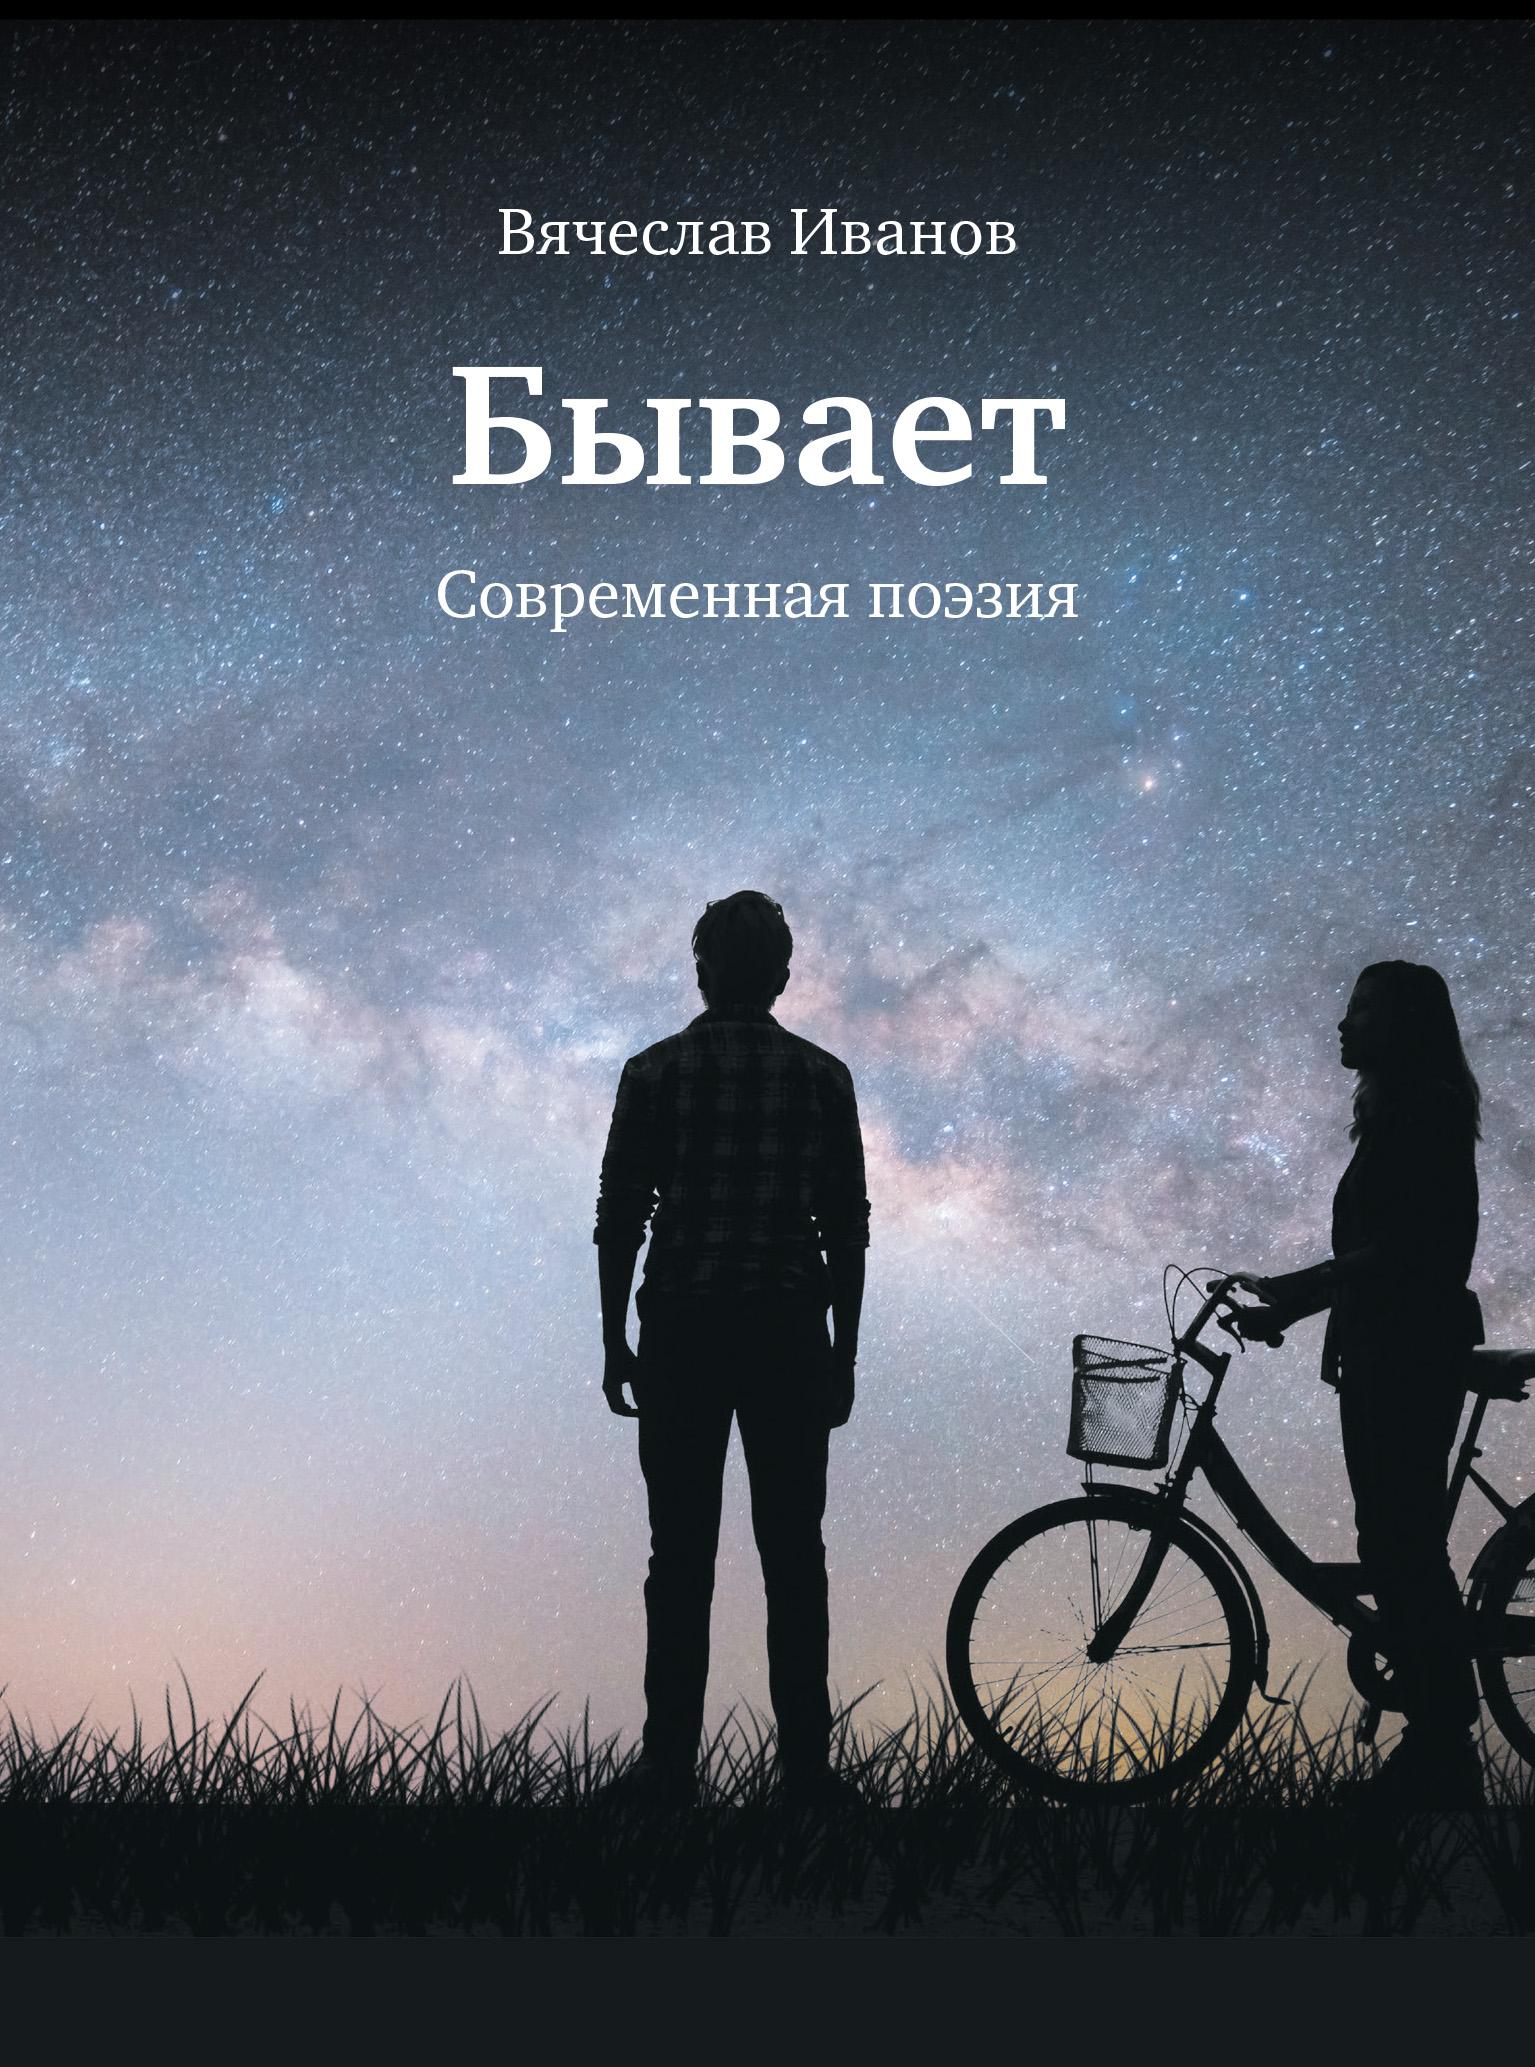 Вячеслав Иванов Бывает. Современная поэзия иванов в бывает современная поэзия иванов